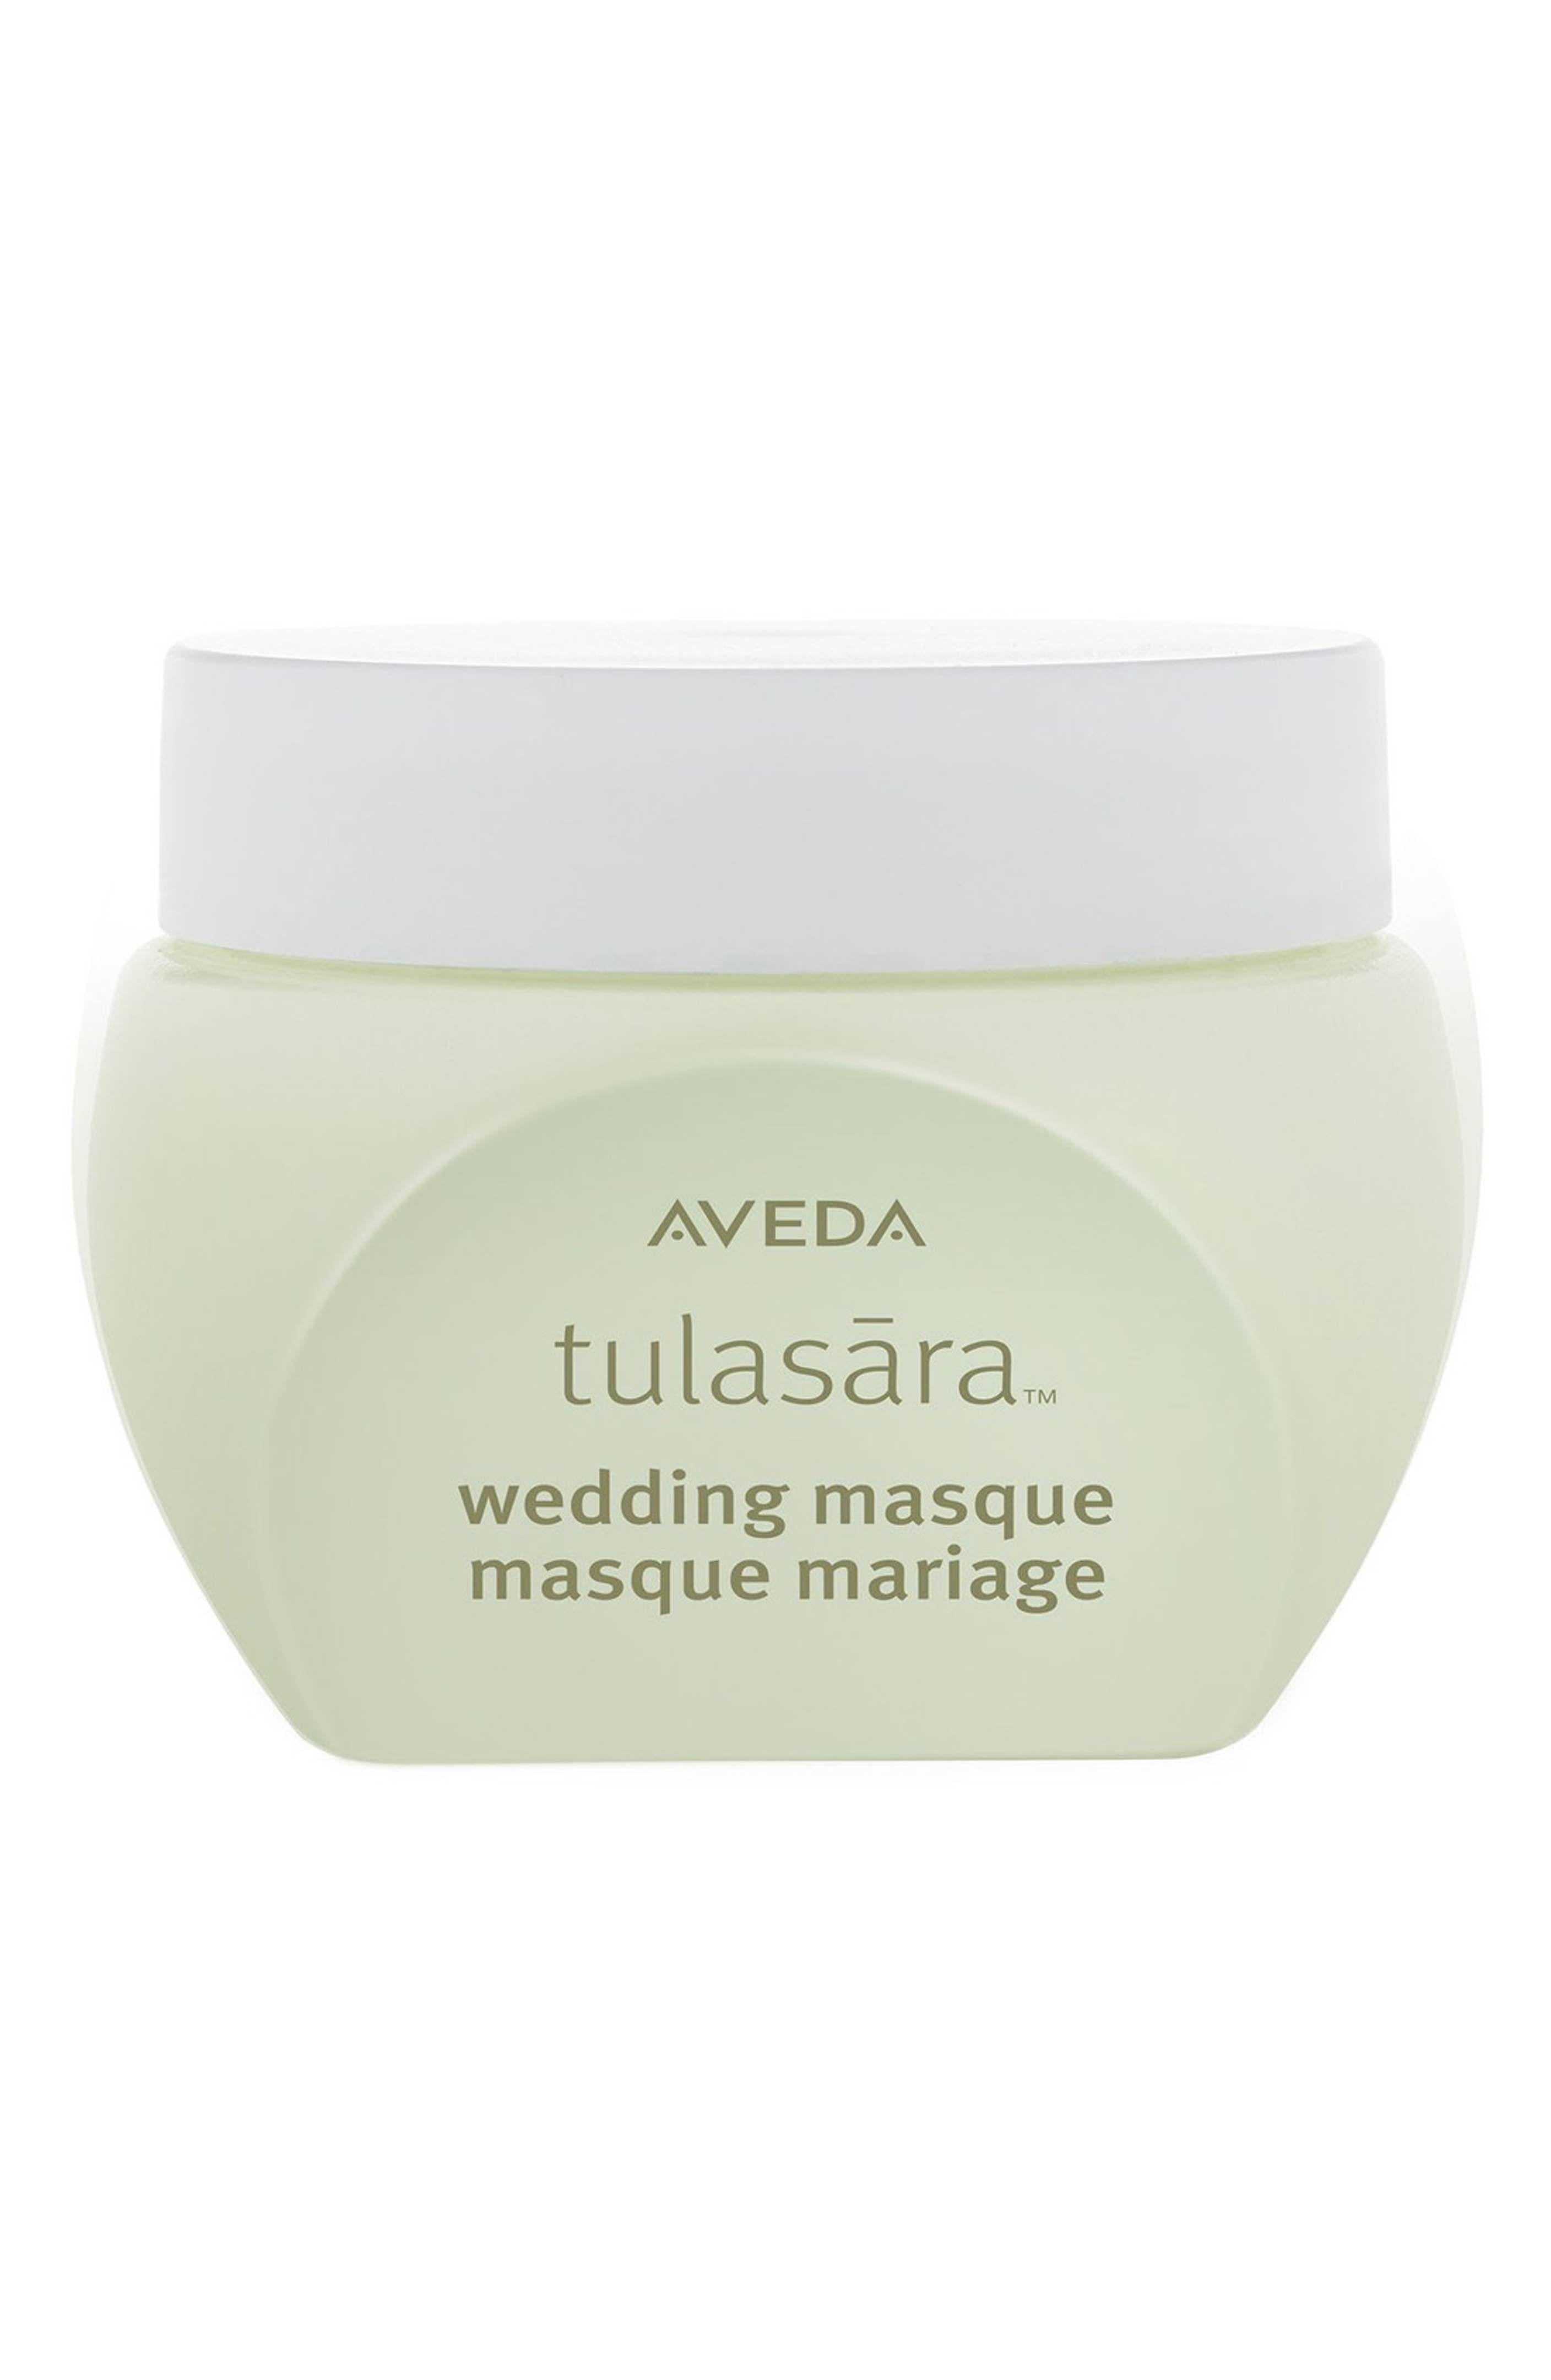 Aveda tulasara™ Wedding Masque Overnight Aveda, Skin